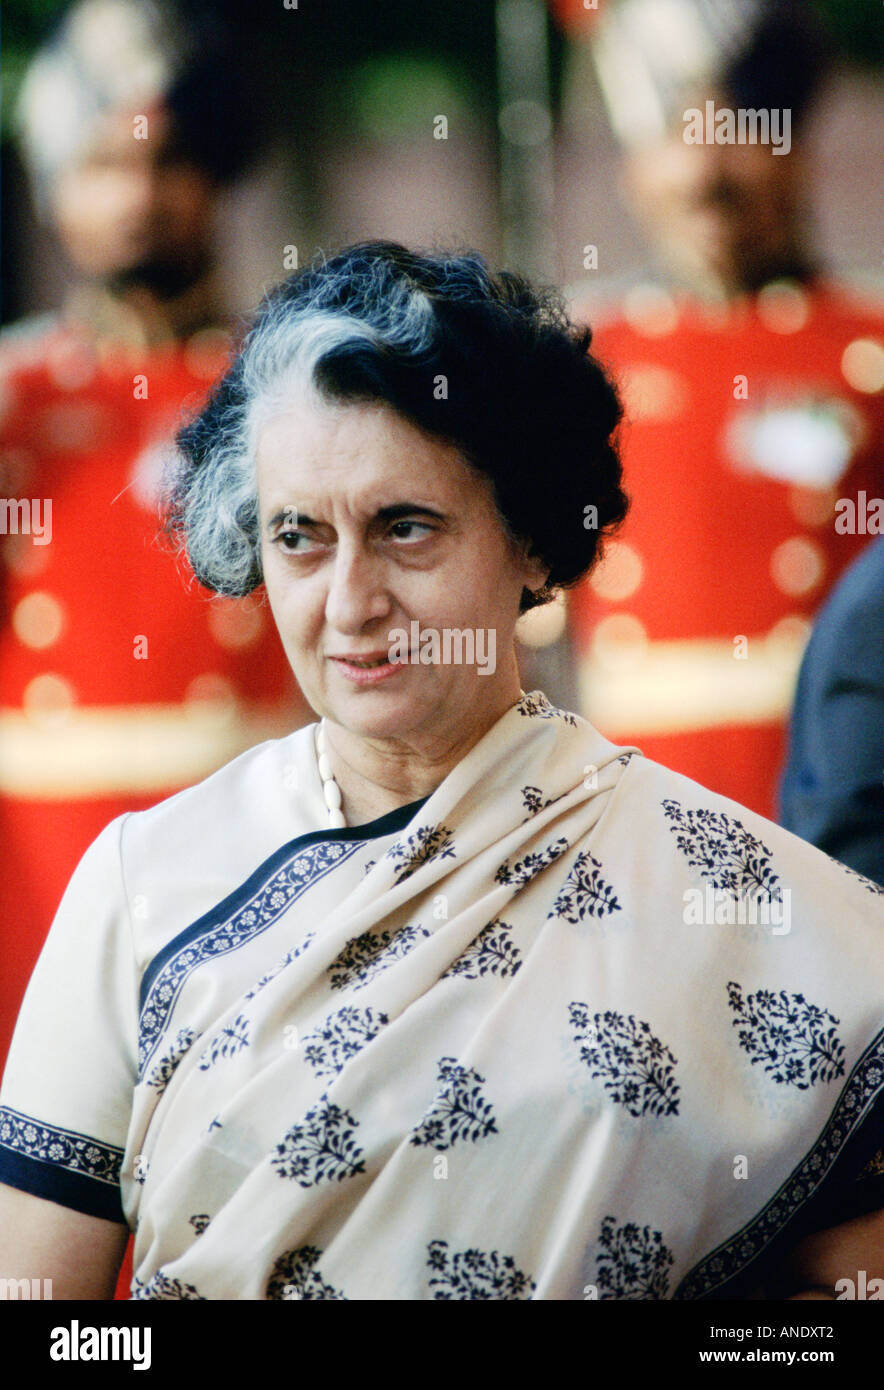 Der indische Premierminister Indira Gandhi Indien Stockbild